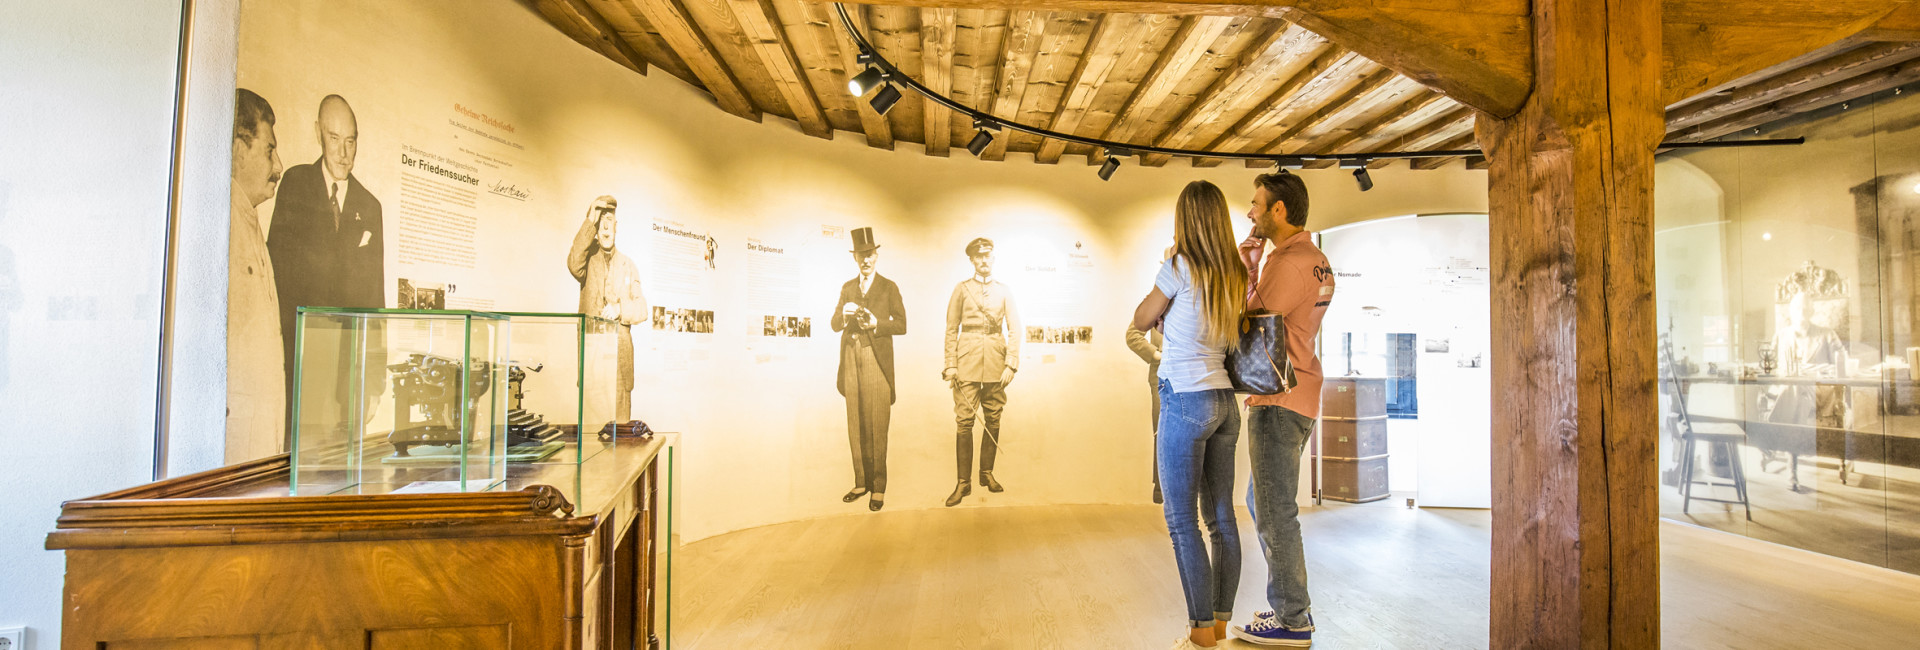 Geschichte erleben auf der Burg Falkenberg in der Oberpfalz